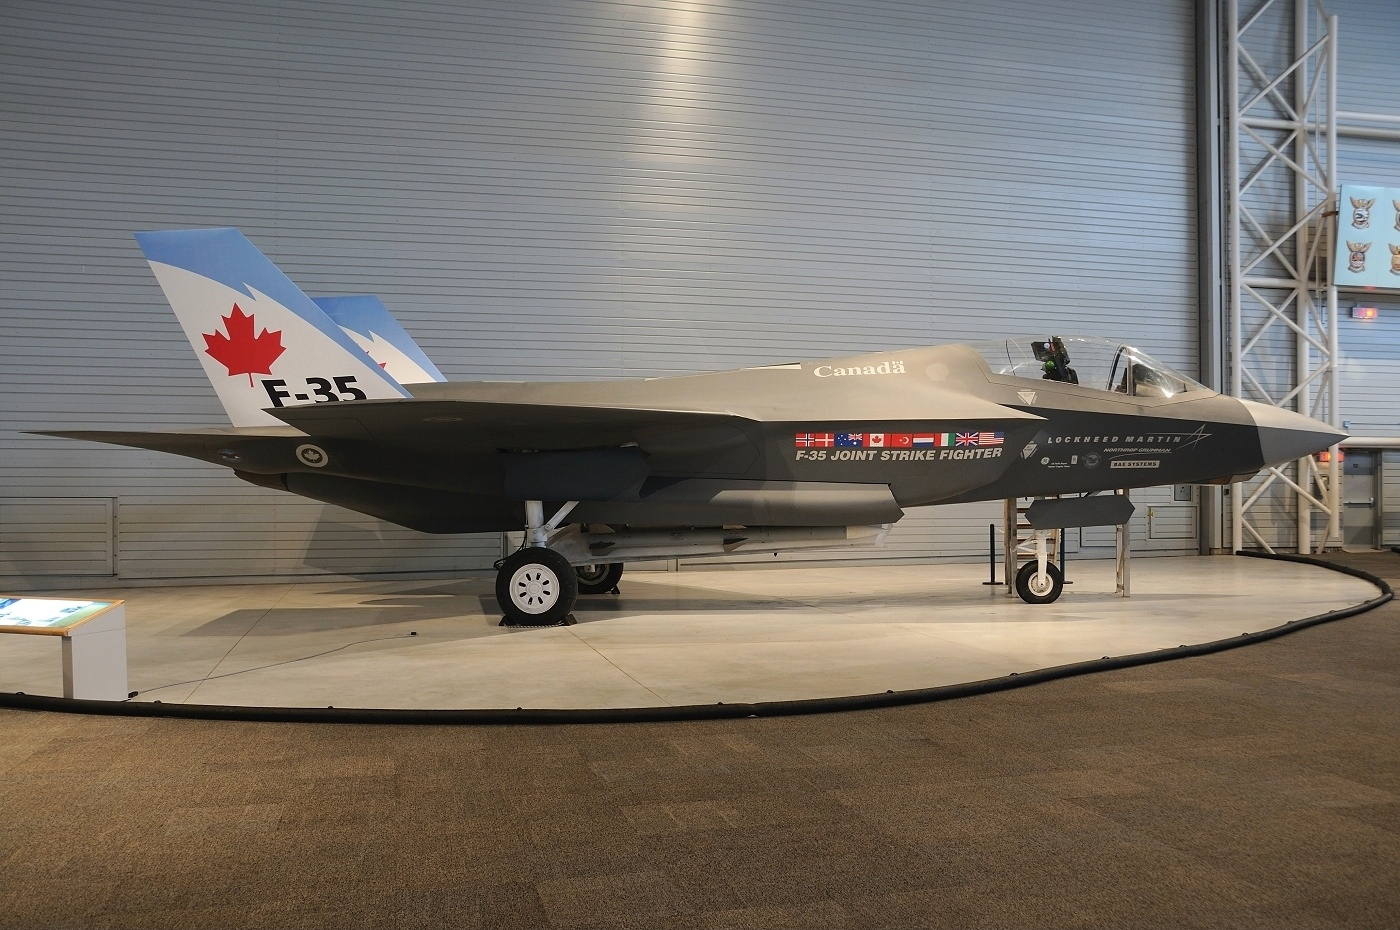 F-35-Canada.jpg